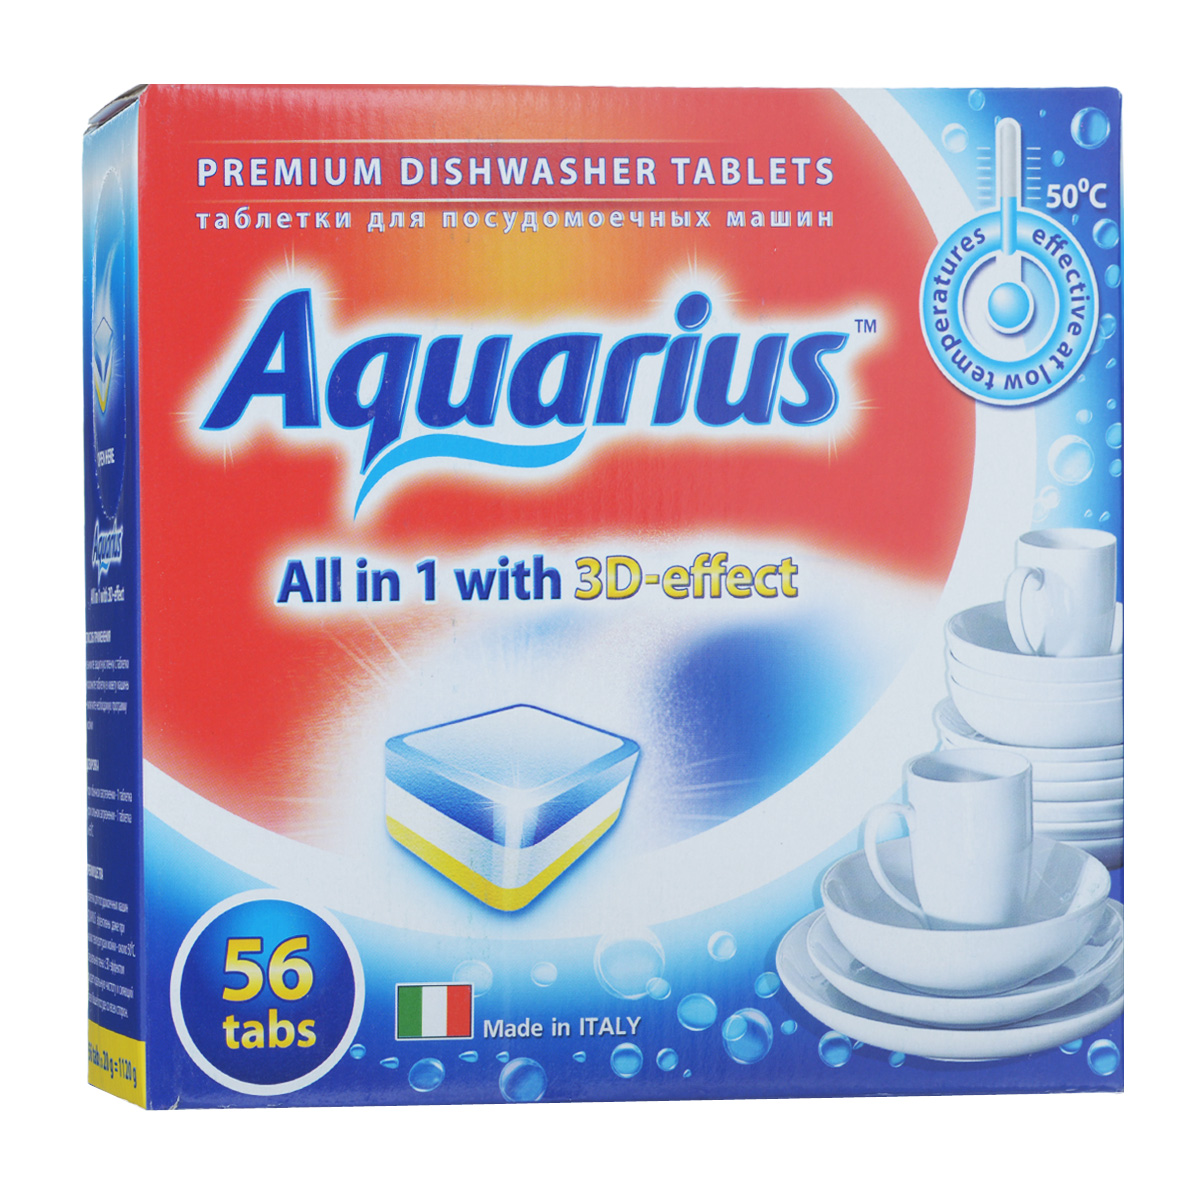 Таблетки для посудомоечных машин Lotta Aquarius, 56 шт16243Таблетки Lotta Aquarius предназначены для посудомоечных машин. Специальная пена с 3D-эффектом придает идеальную чистоту и сияющий блеск вашей посуде со всех сторон. Таблетки эффективны даже при низких температурах мойки - около 30°С.Для этого необходимо снять защитную пленку, положить таблетку в кювету машины и включить необходимую программу. В комплект входит 56 штук. Вес одной таблетки: 20 г. Состав: триполифосфат натрия, поликарбоксилат, неионные ПАВ, энзимы, ароматизатор. Товар сертифицирован.